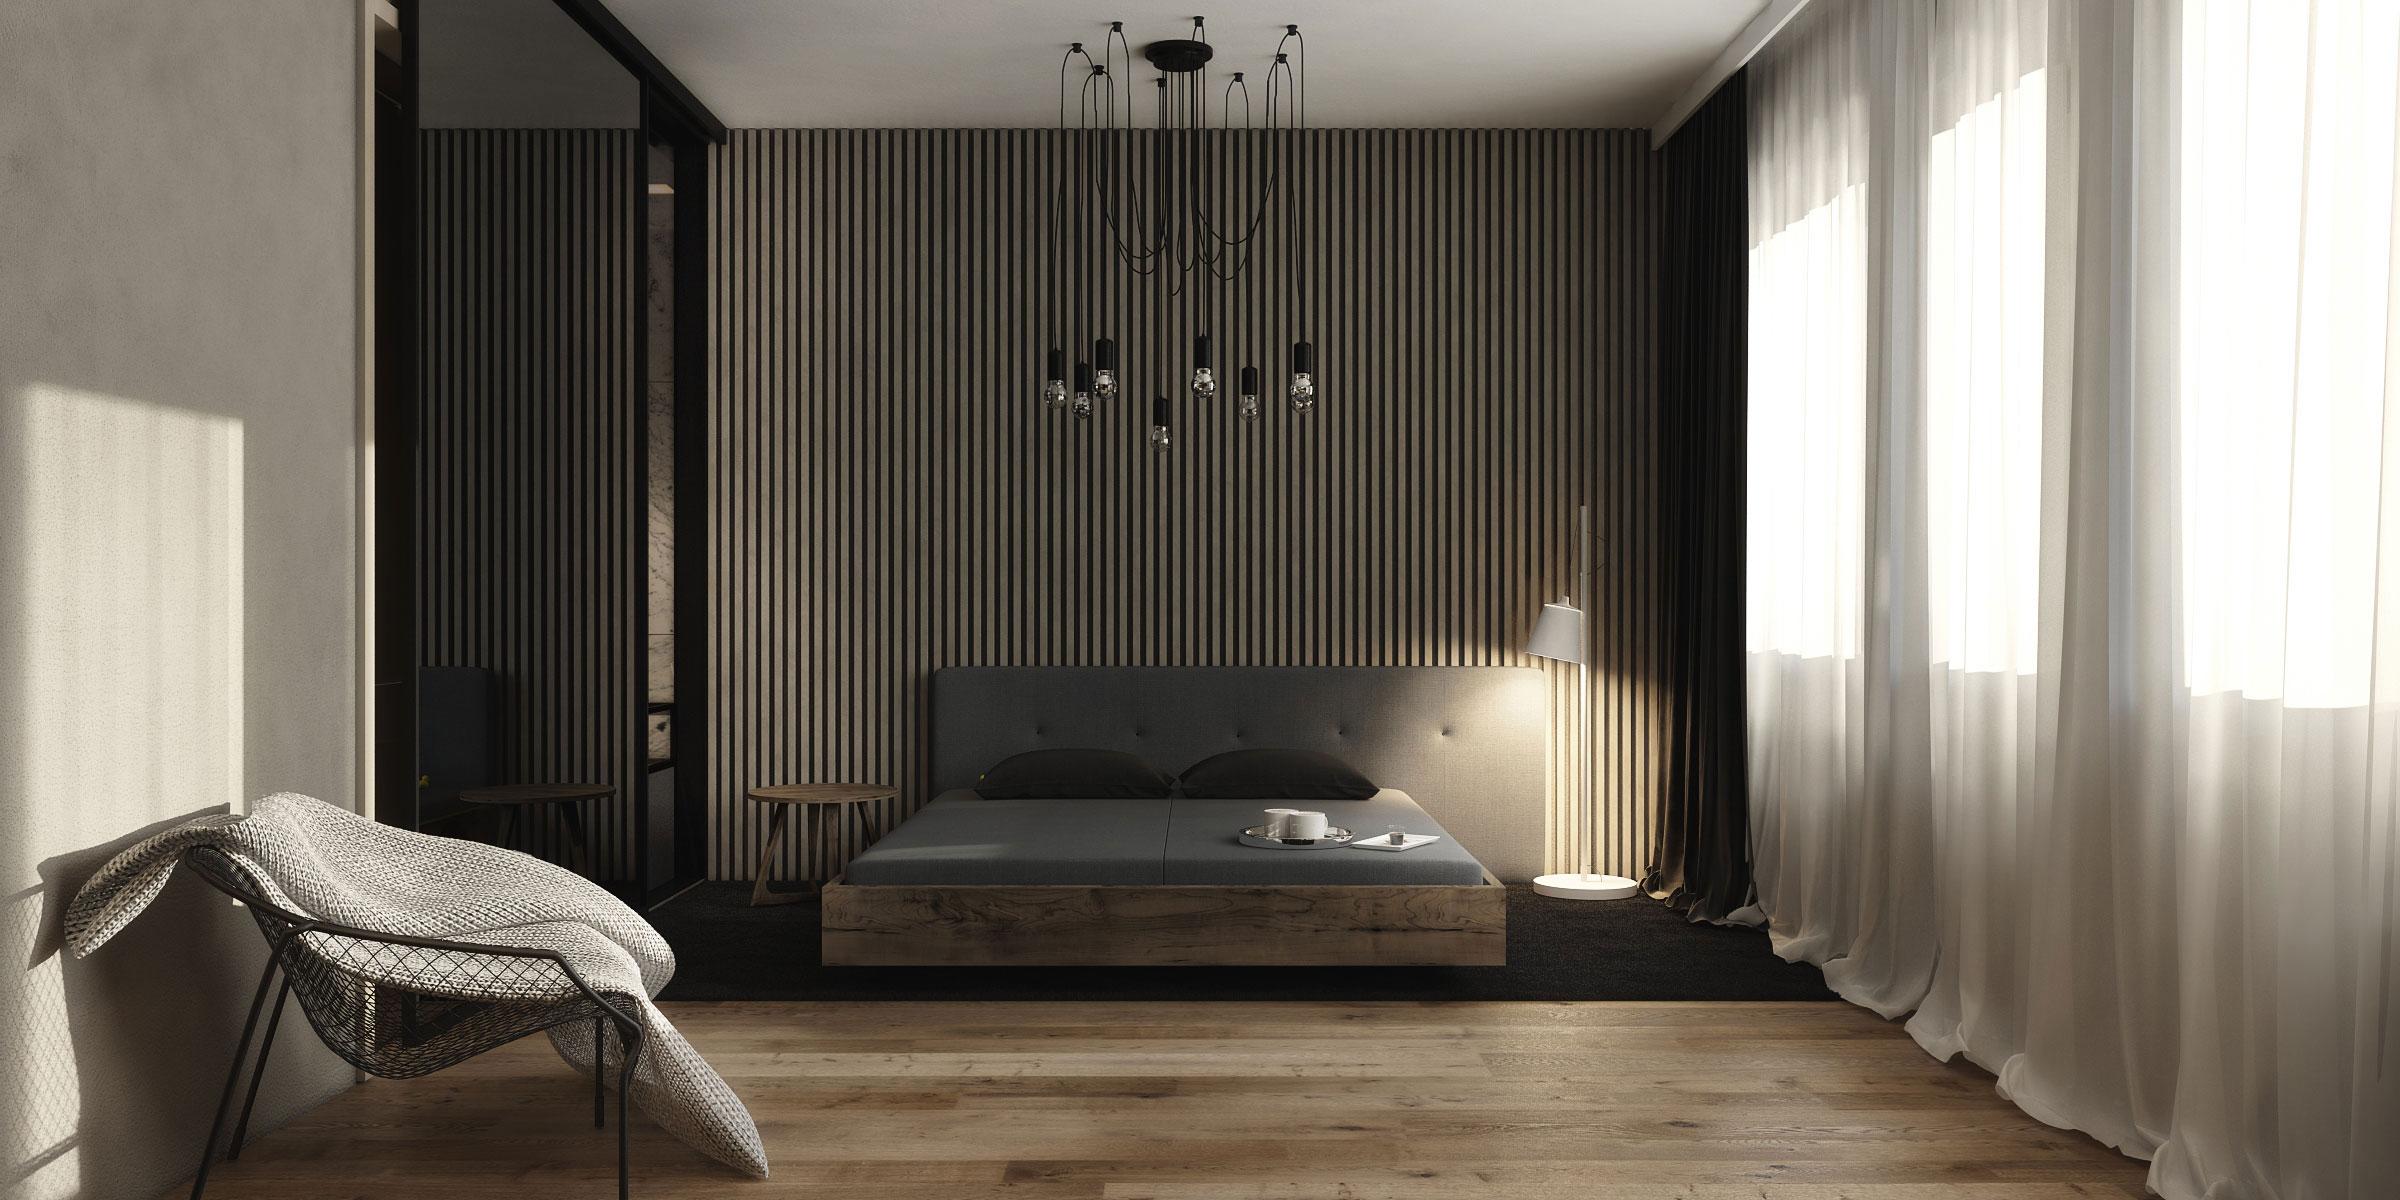 Sovrum-interiör-bilder-12 En inspiration för dig från sovrumsinteriörbilder